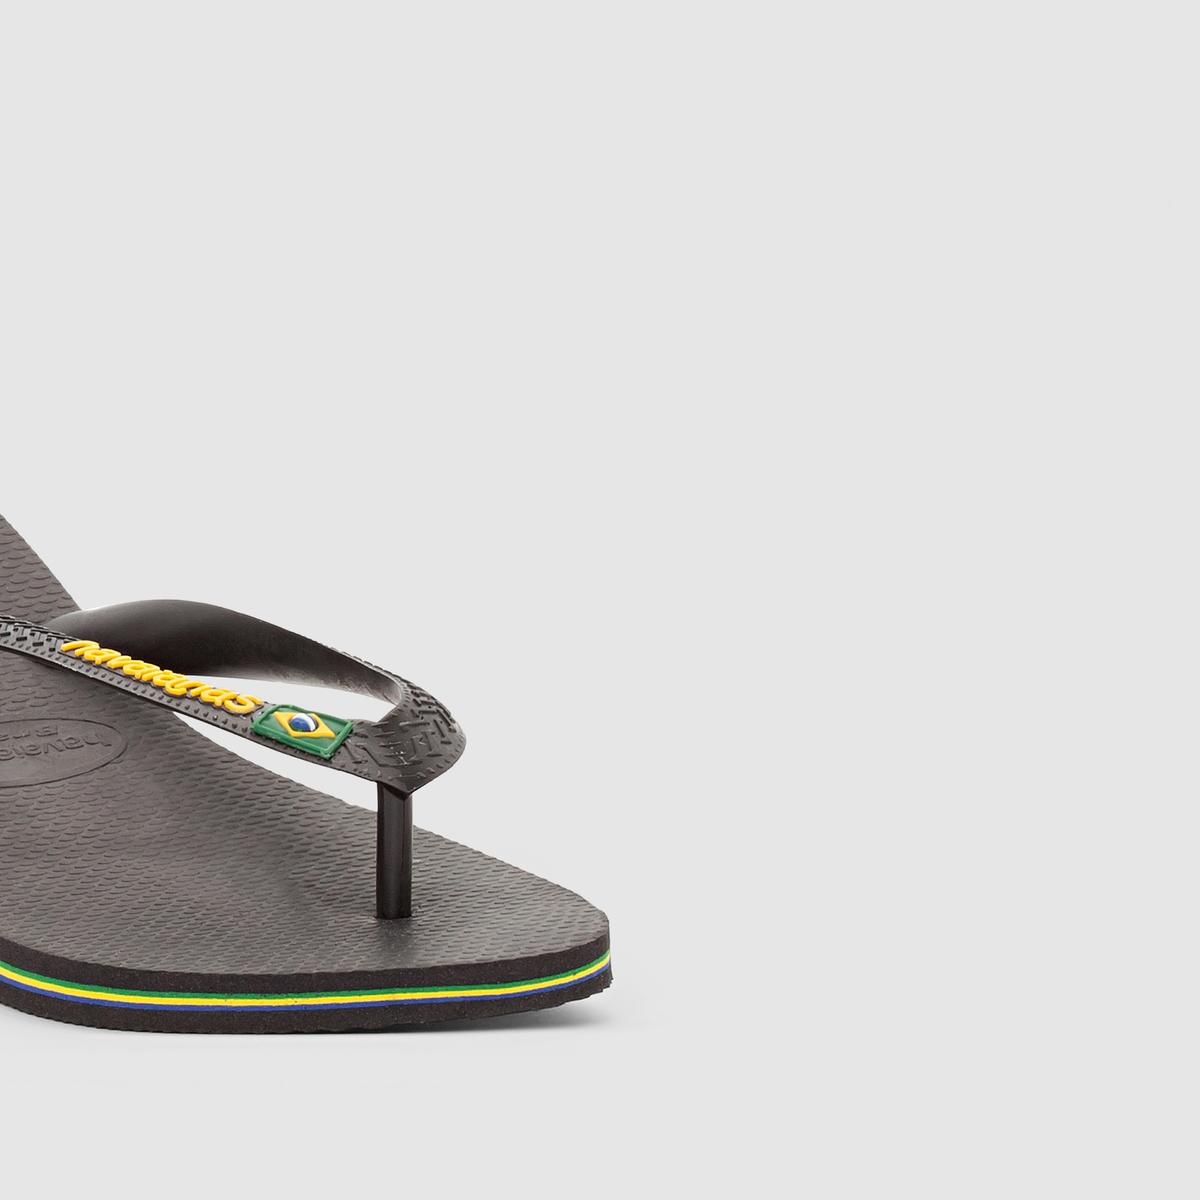 Вьетнамки Brazil LogoВерх : каучук         Стелька : каучук         Подошва : каучук         Застежка : без застежки         Преимущества : Вьетнамки HAVAINAS с мельчайшими деталями, выполненными в бразильском стиле, наслаждайтесь ими этим летом<br><br>Цвет: черный